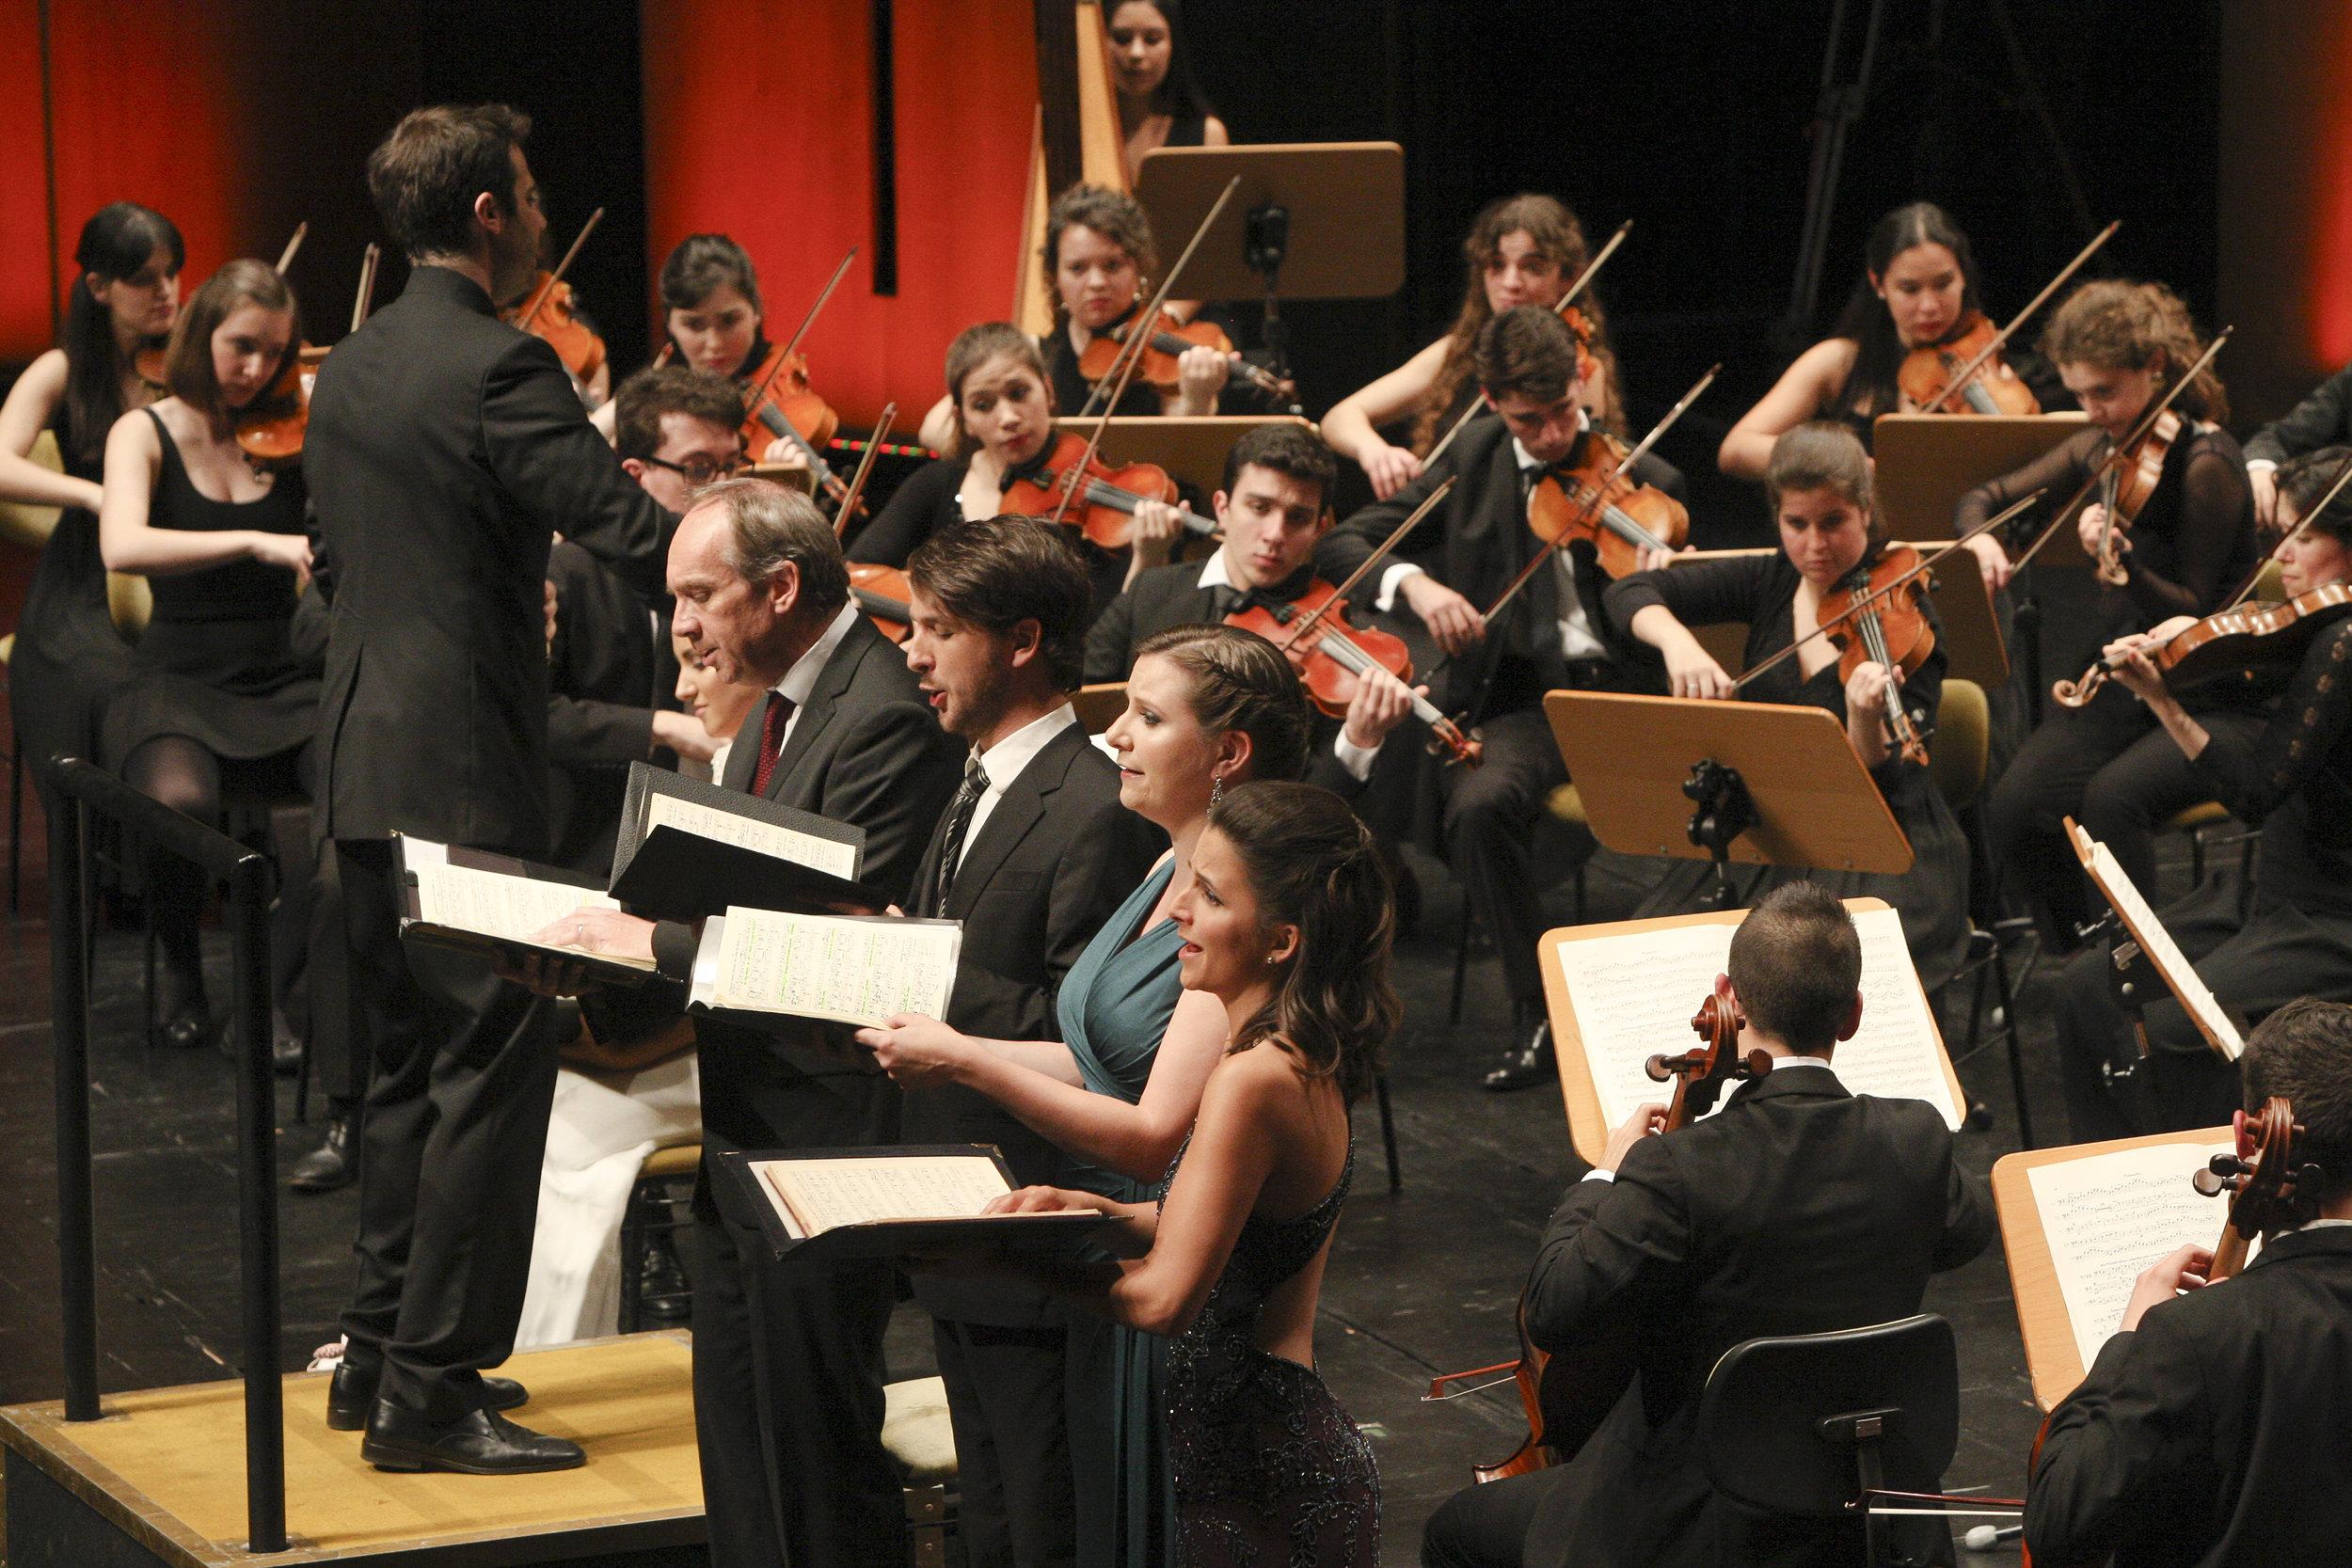 Orquestra XXI, A Reconquista do Paraíso, Dias da Música ,CCB, 28-04-2018, Lisboa 125.jpg